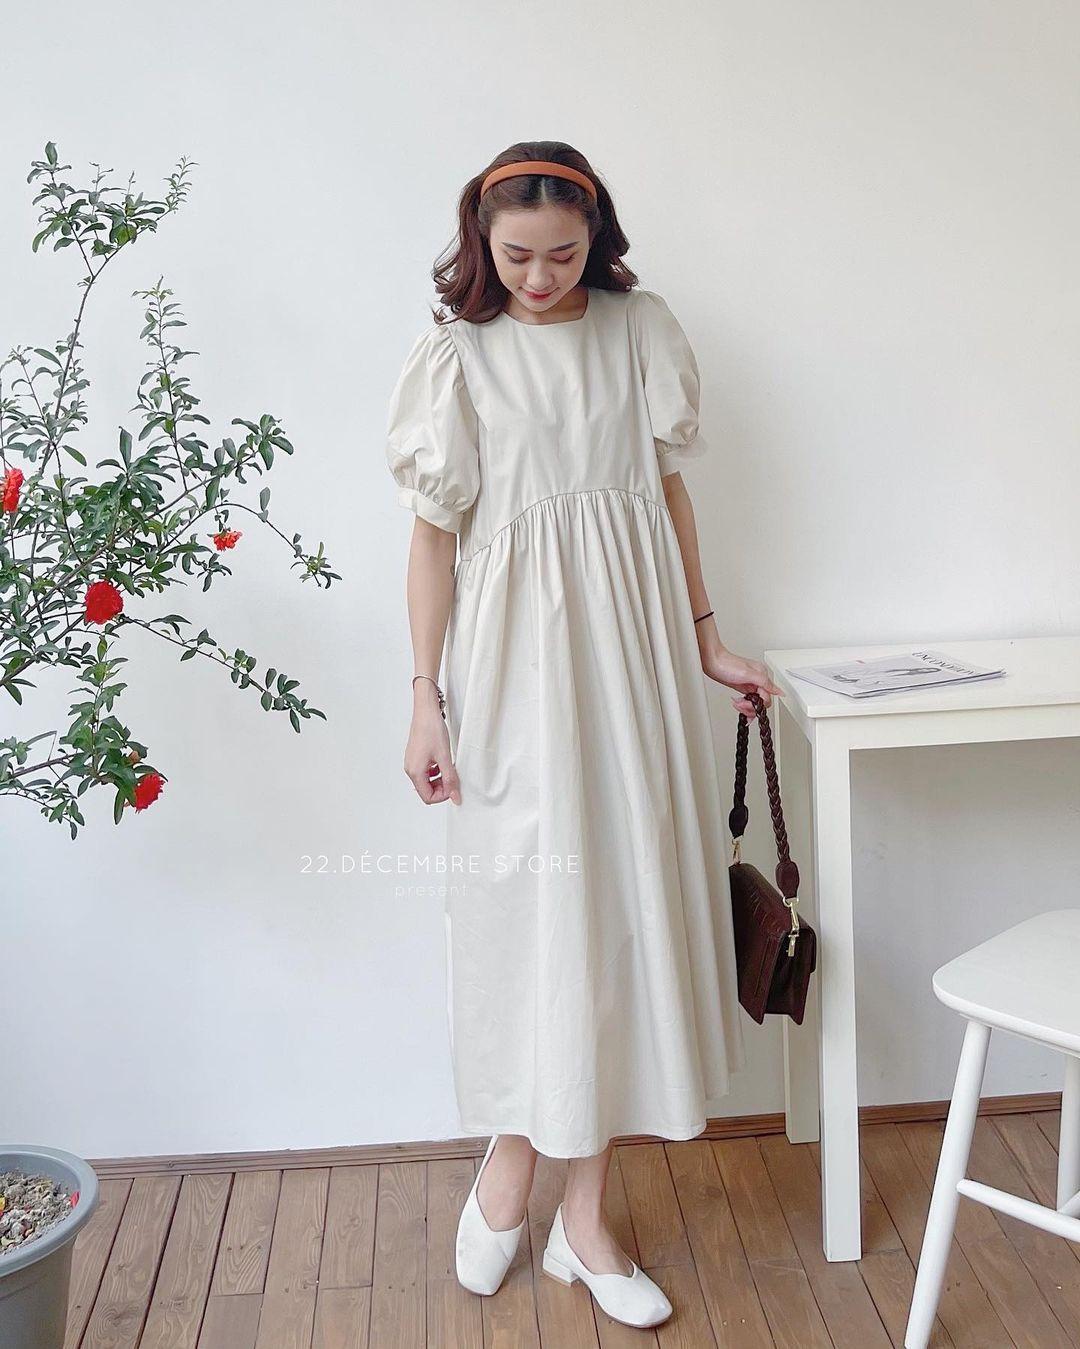 Học ca nương Kiều Anh tậu váy suông oversize giá chỉ vài trăm, mặc mát mà xinh như công chúa - Ảnh 8.